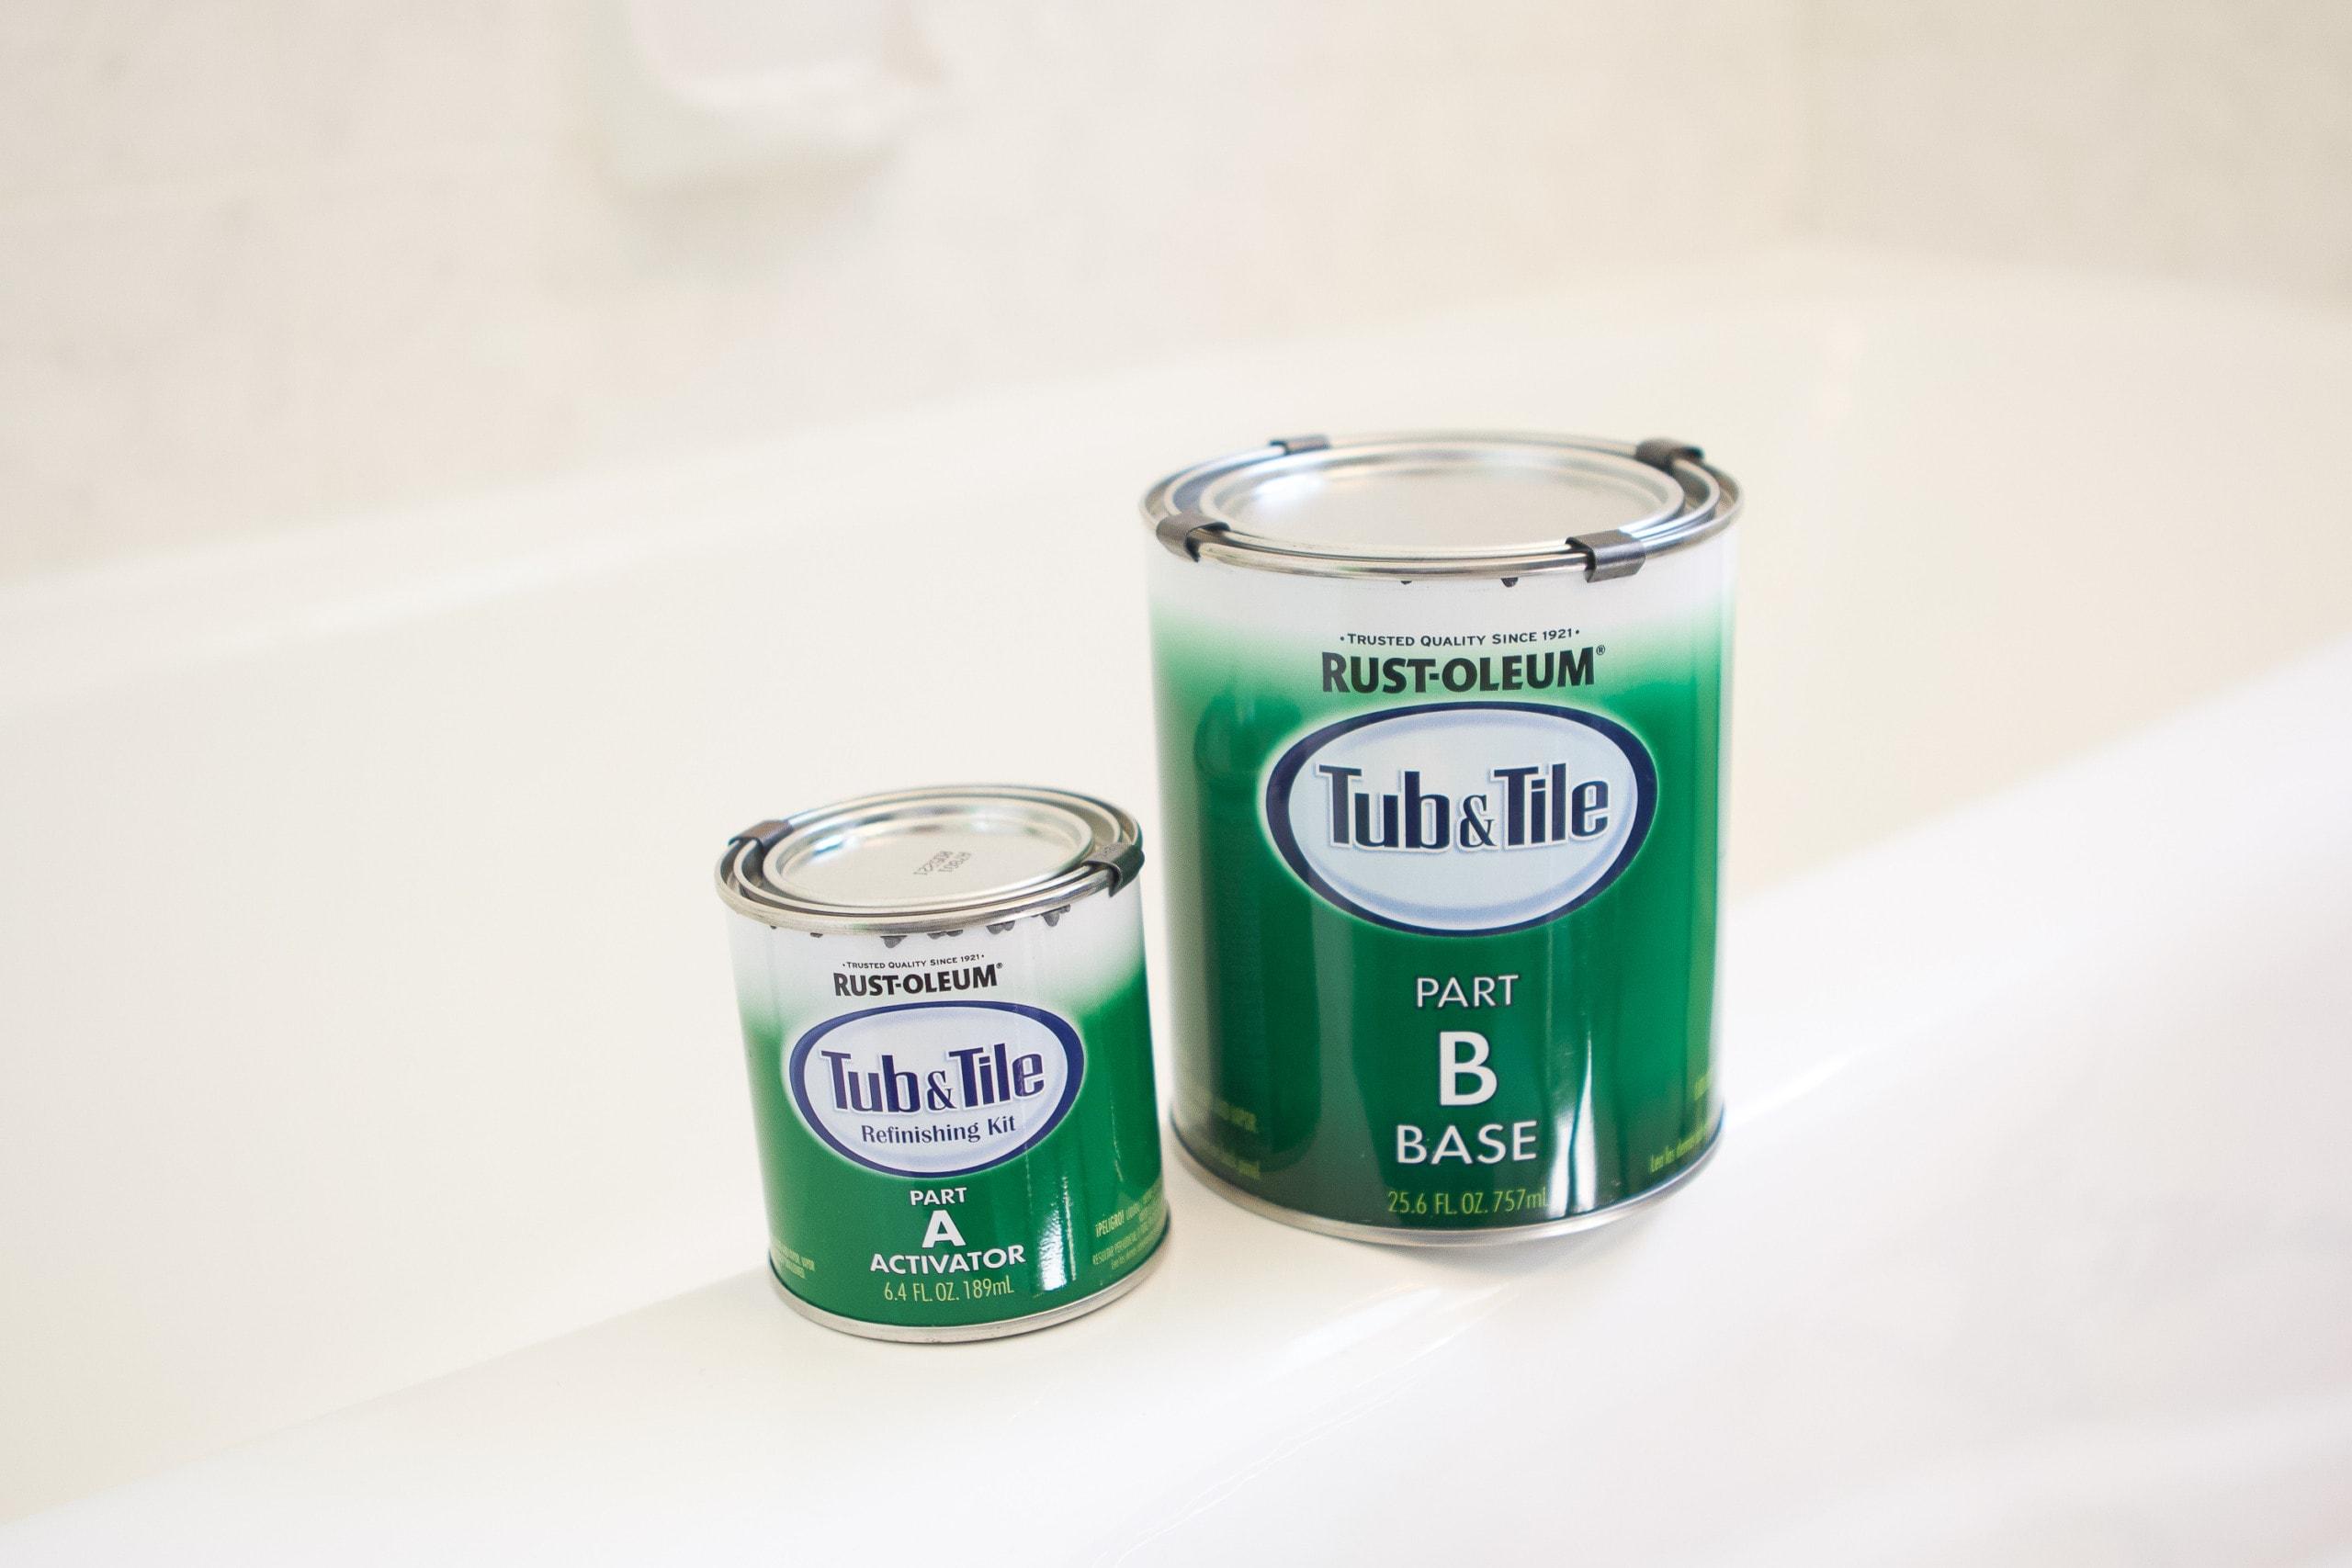 Rust-Oleum Tub & Tile